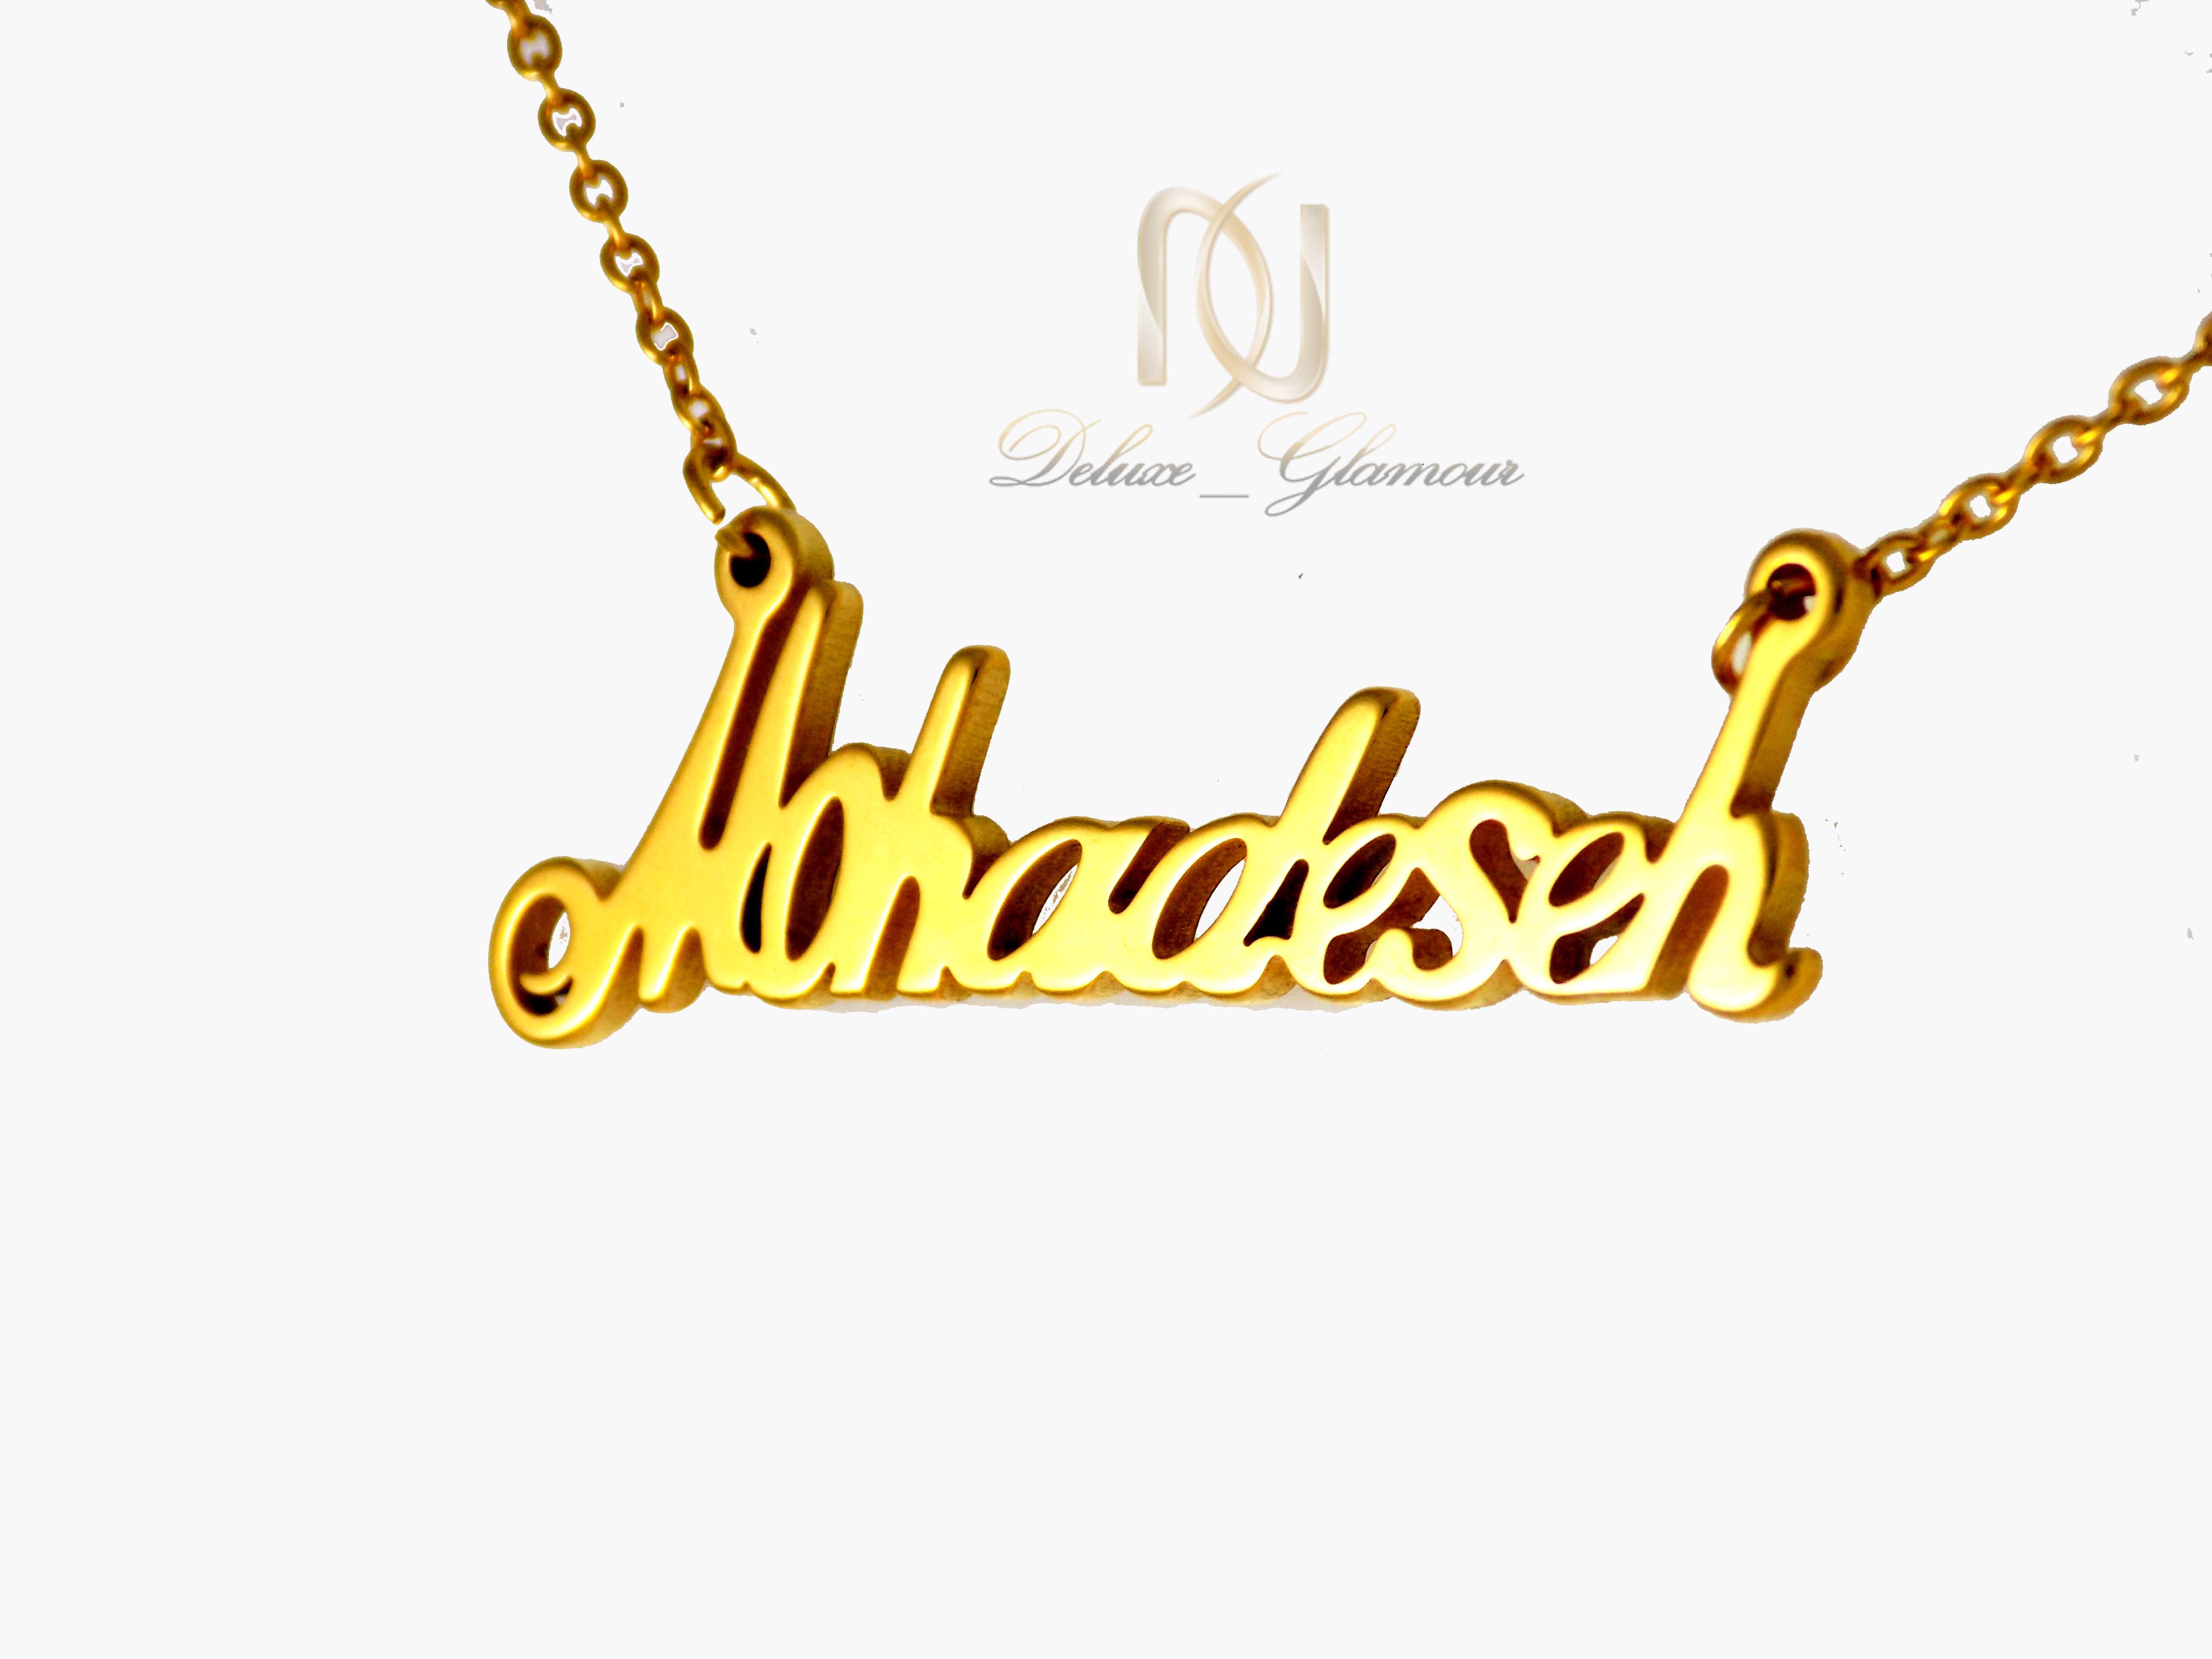 گردنبند اسم لاتین محدثه استیل طلایی Nw-n417 - عکس اصلی